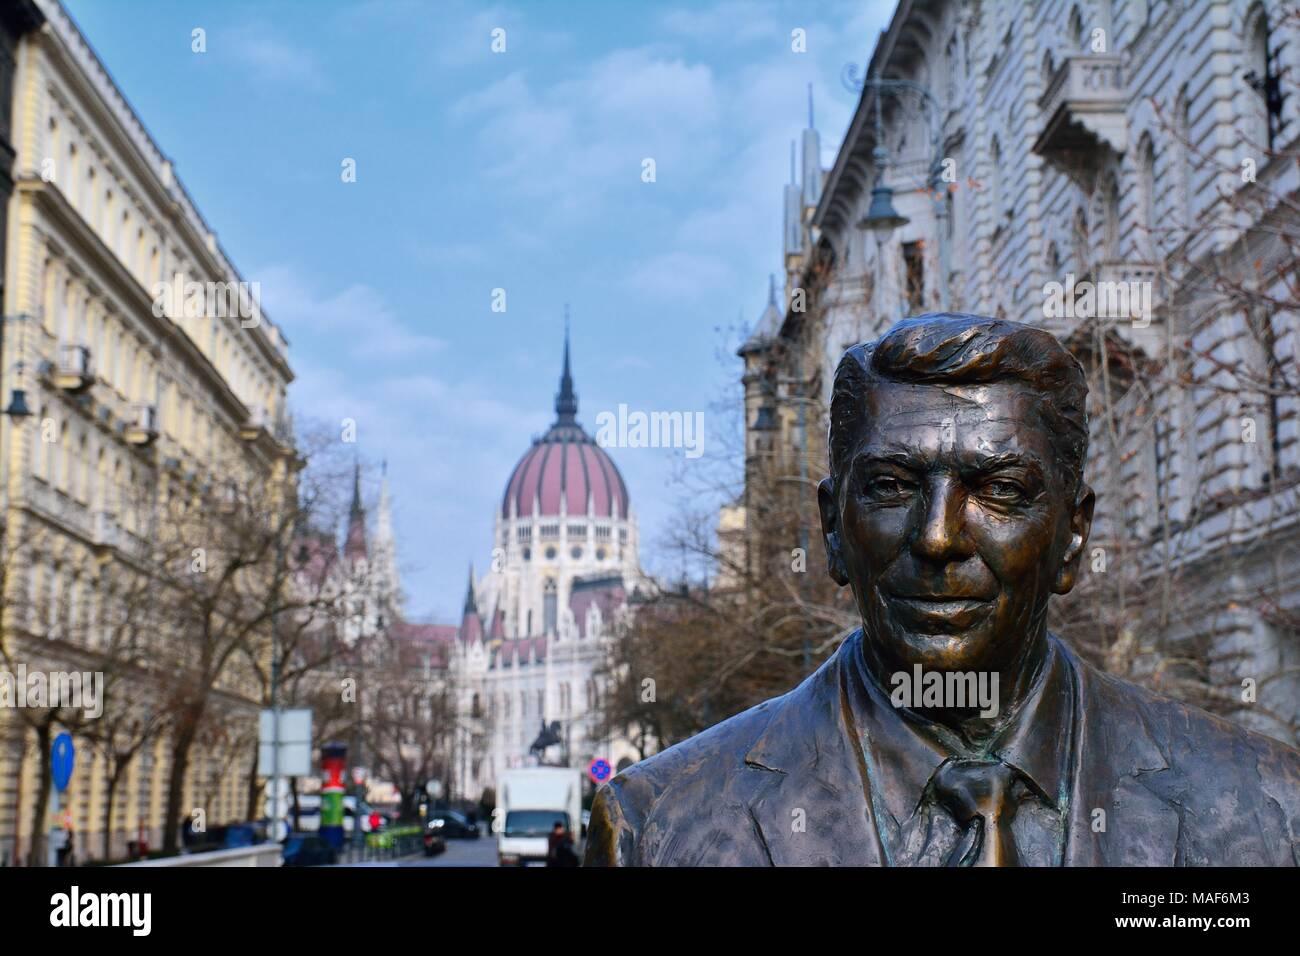 Budapest, Hongrie - le 28 mars 2018: Statue de l'ancien président américain Ronald Reagan sur l'arrière-plan de bâtiment du parlement hongrois. Statue par sc Banque D'Images